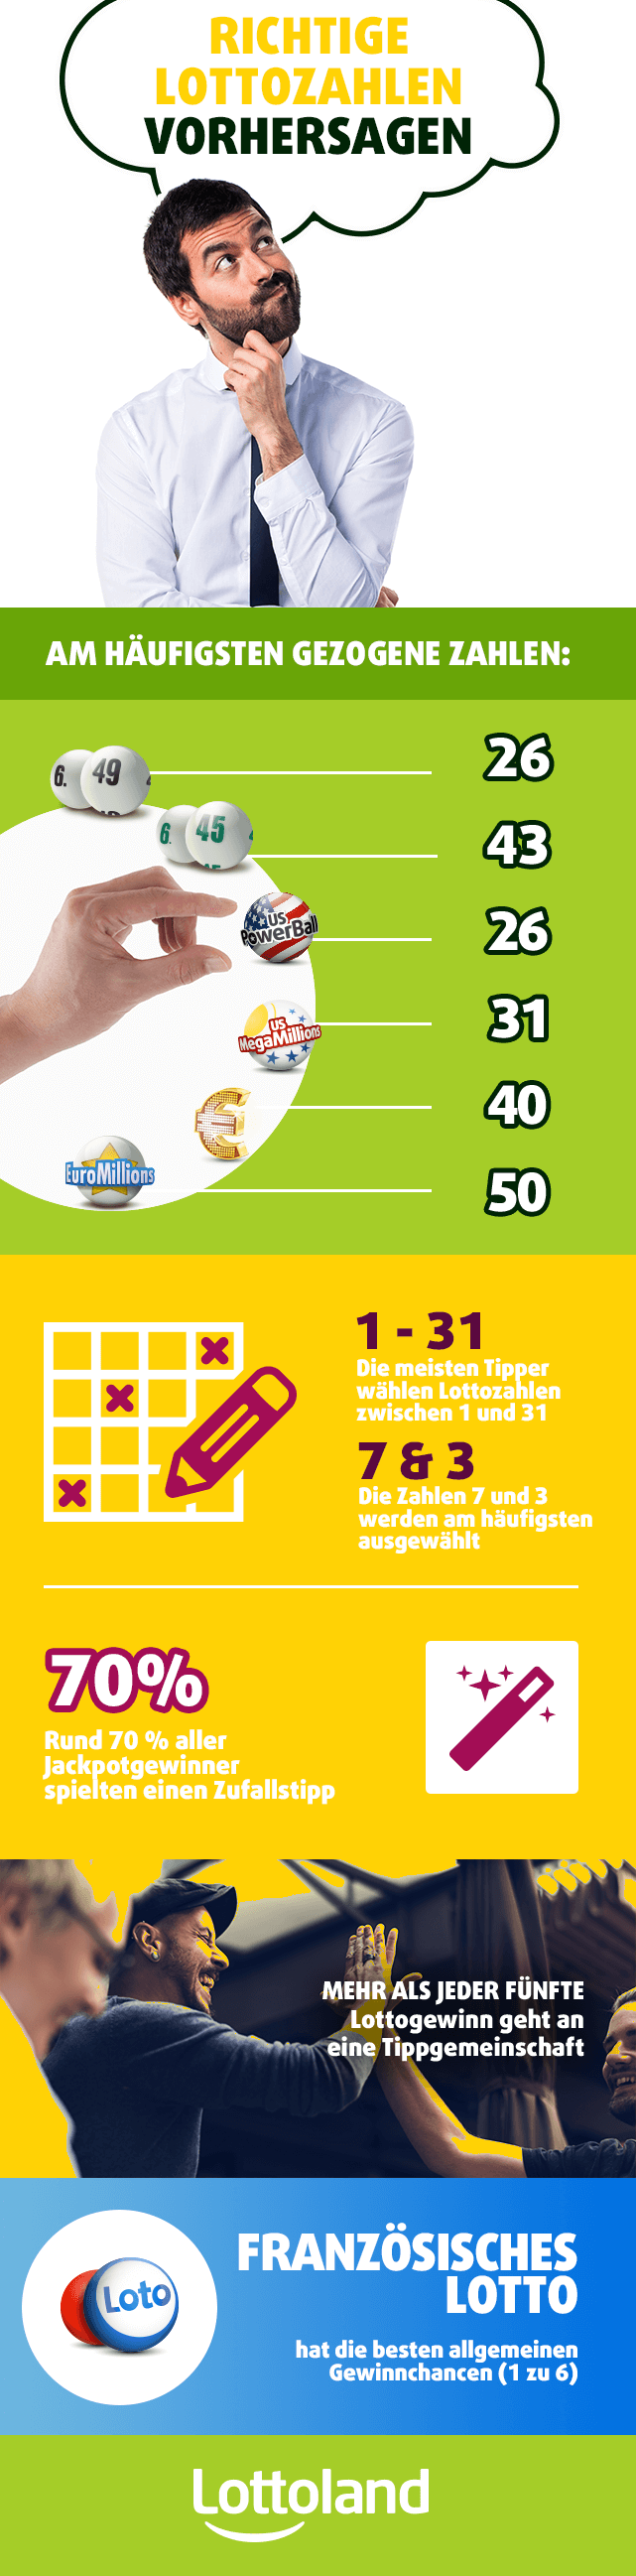 Infografik Lottozahlen Vorhersage